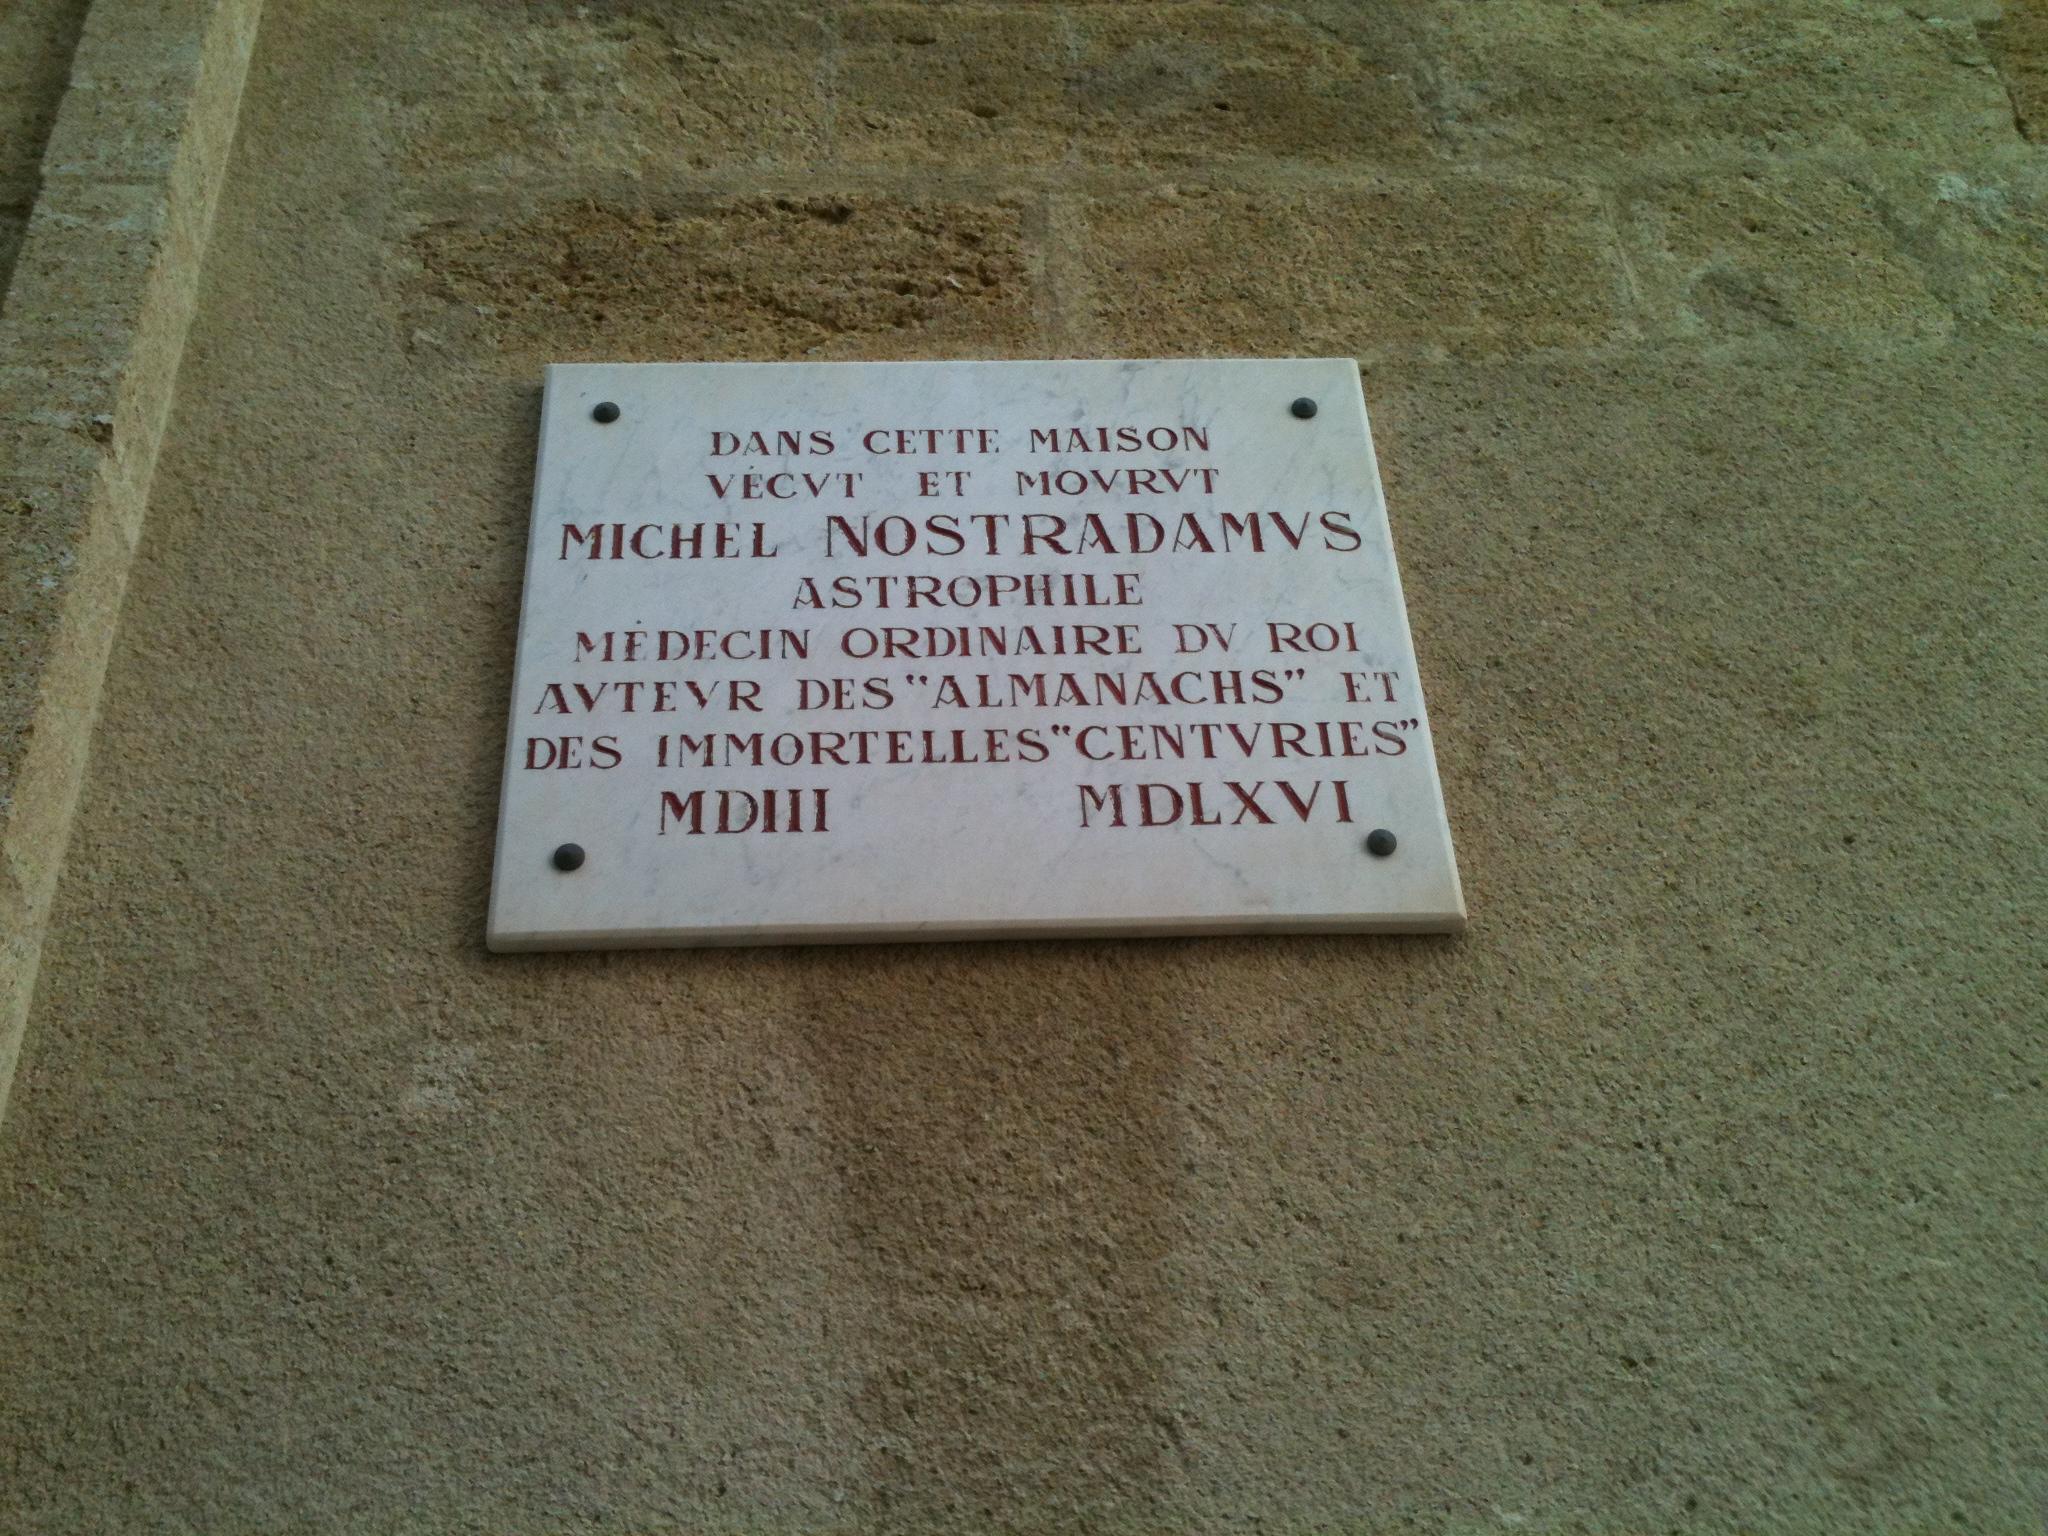 Maison de Nostradamus